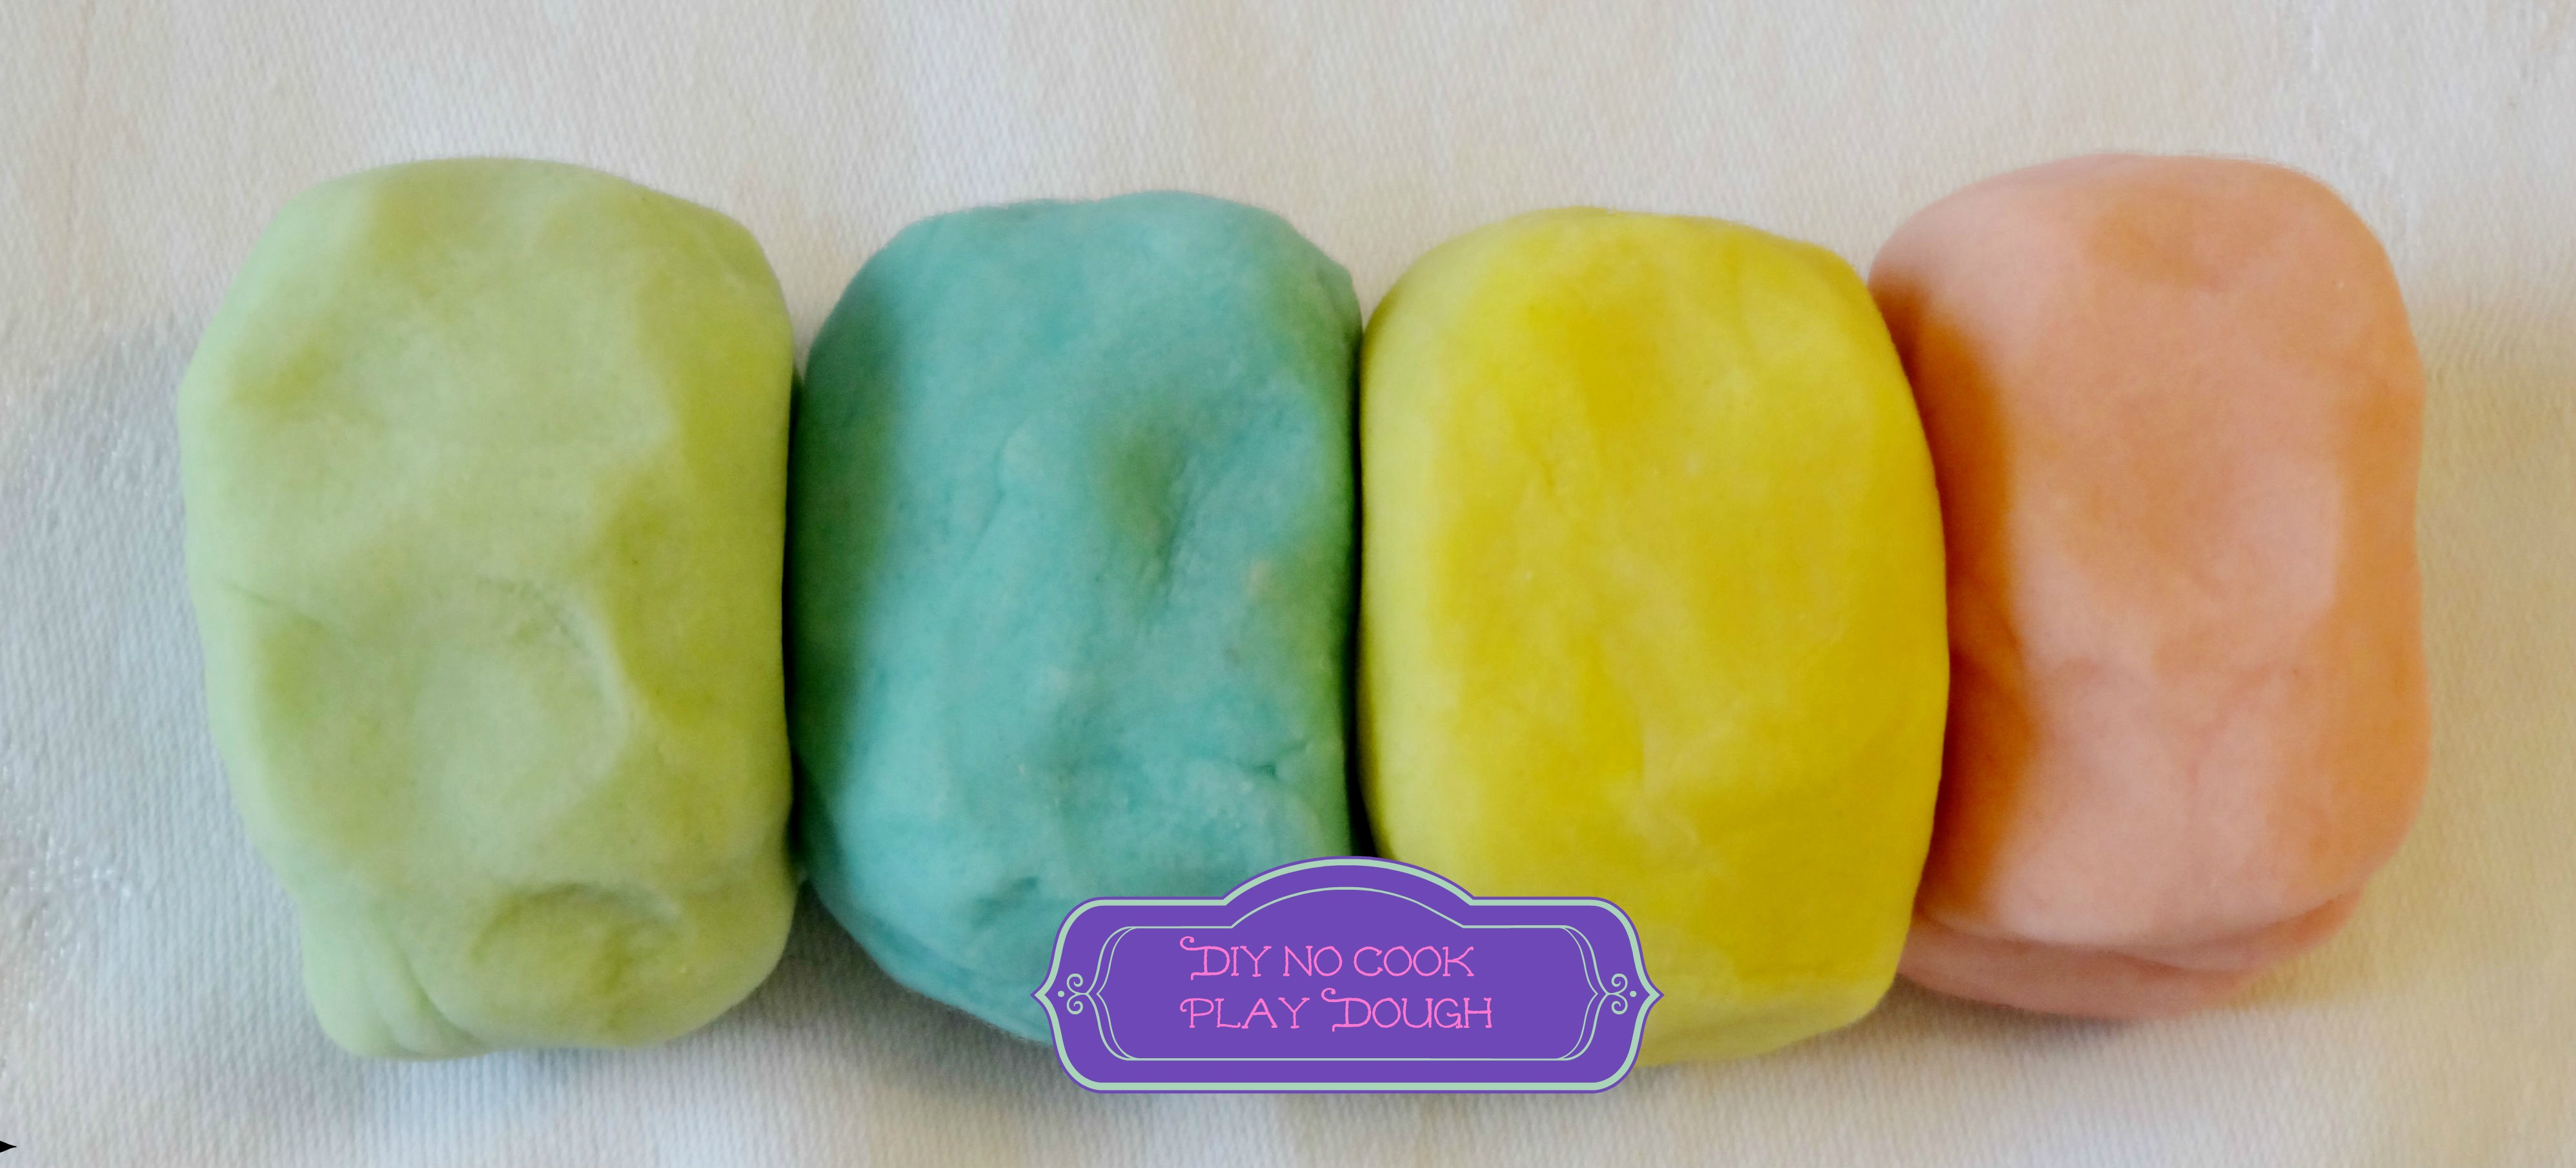 how to make simple playdough